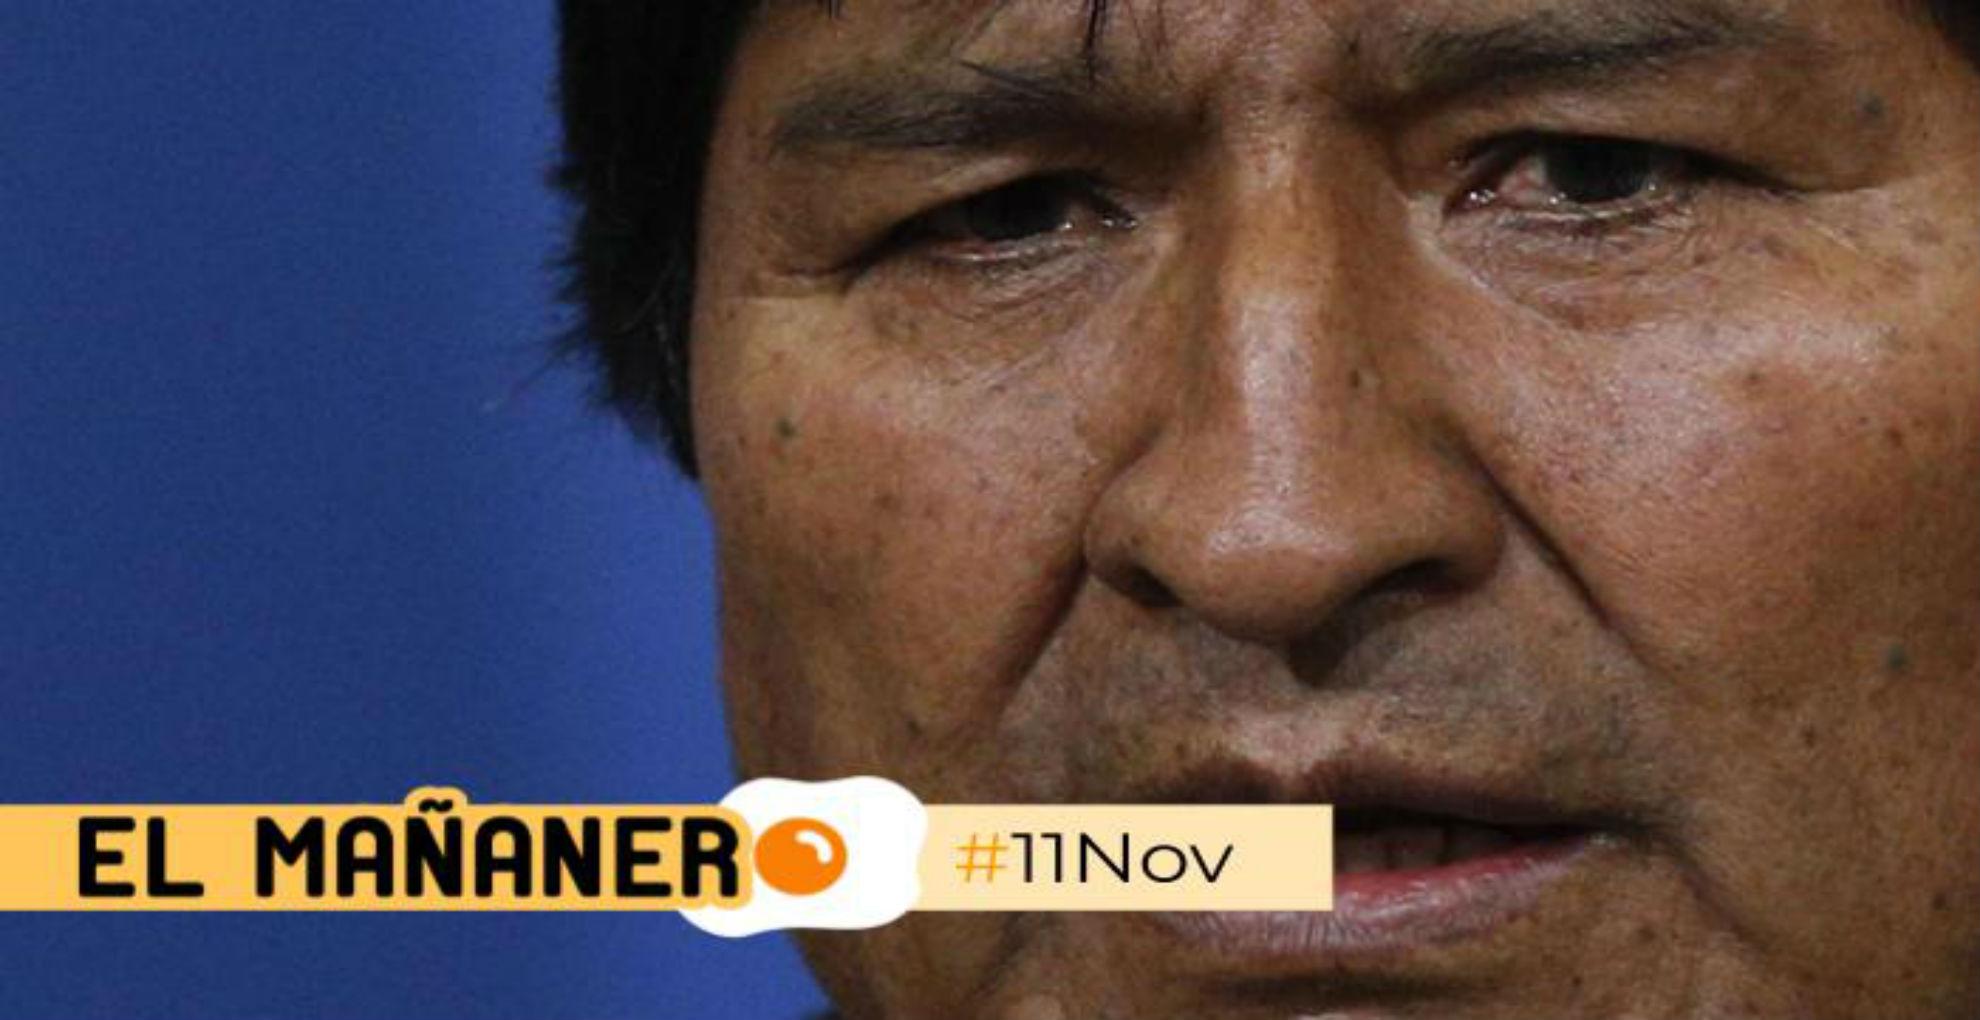 El Mañanero de hoy #10Nov: Las 8 noticias que debes saber